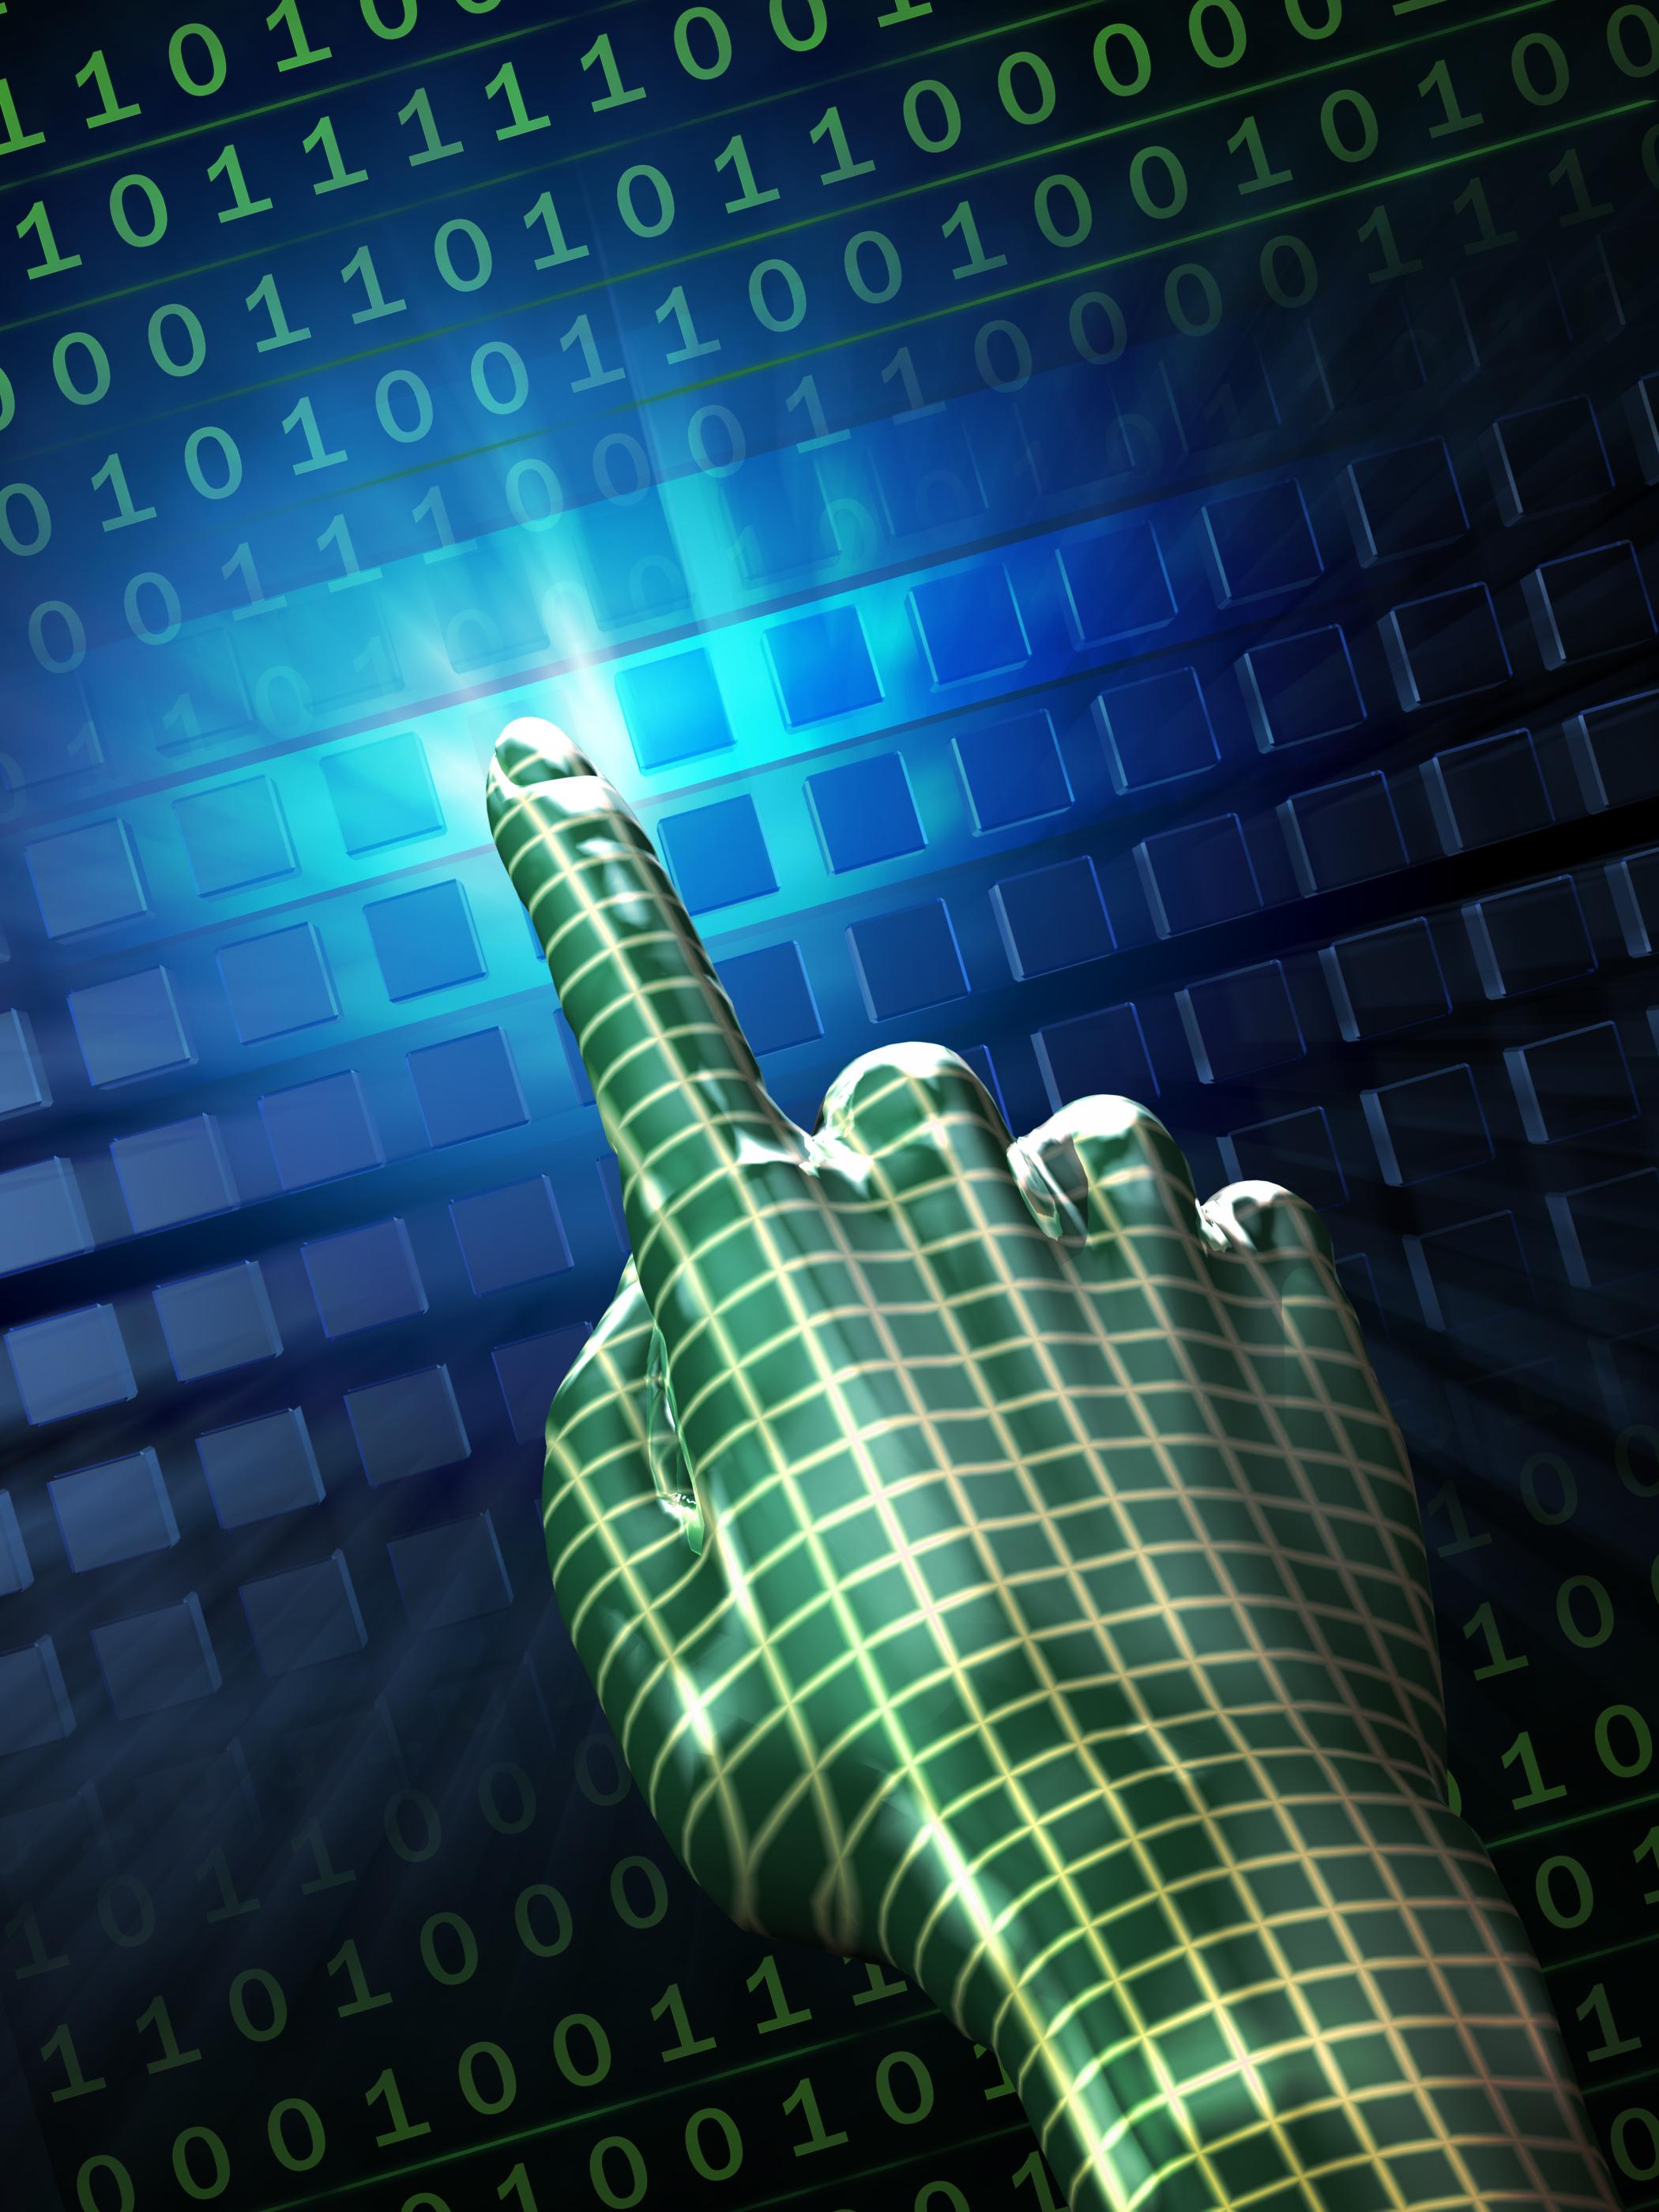 Wir kodieren Ihre RFID/NFC-Karten